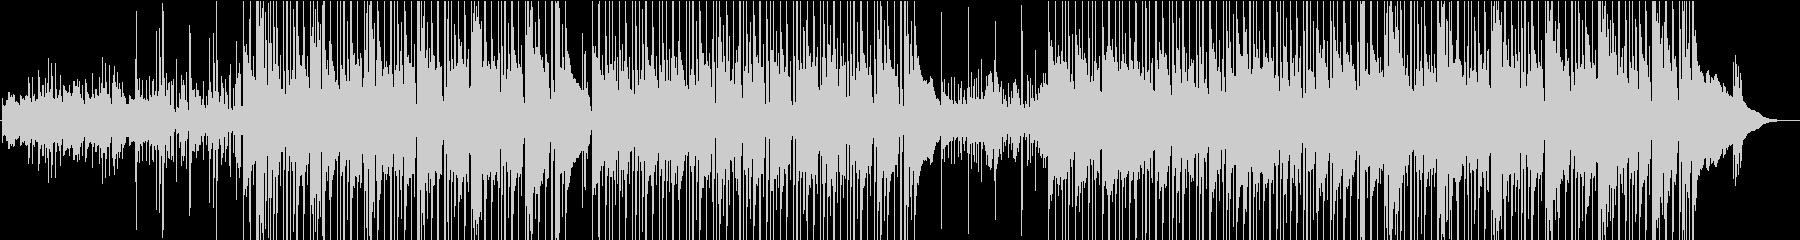 のんびりウクレレのハワイアン楽曲 の未再生の波形